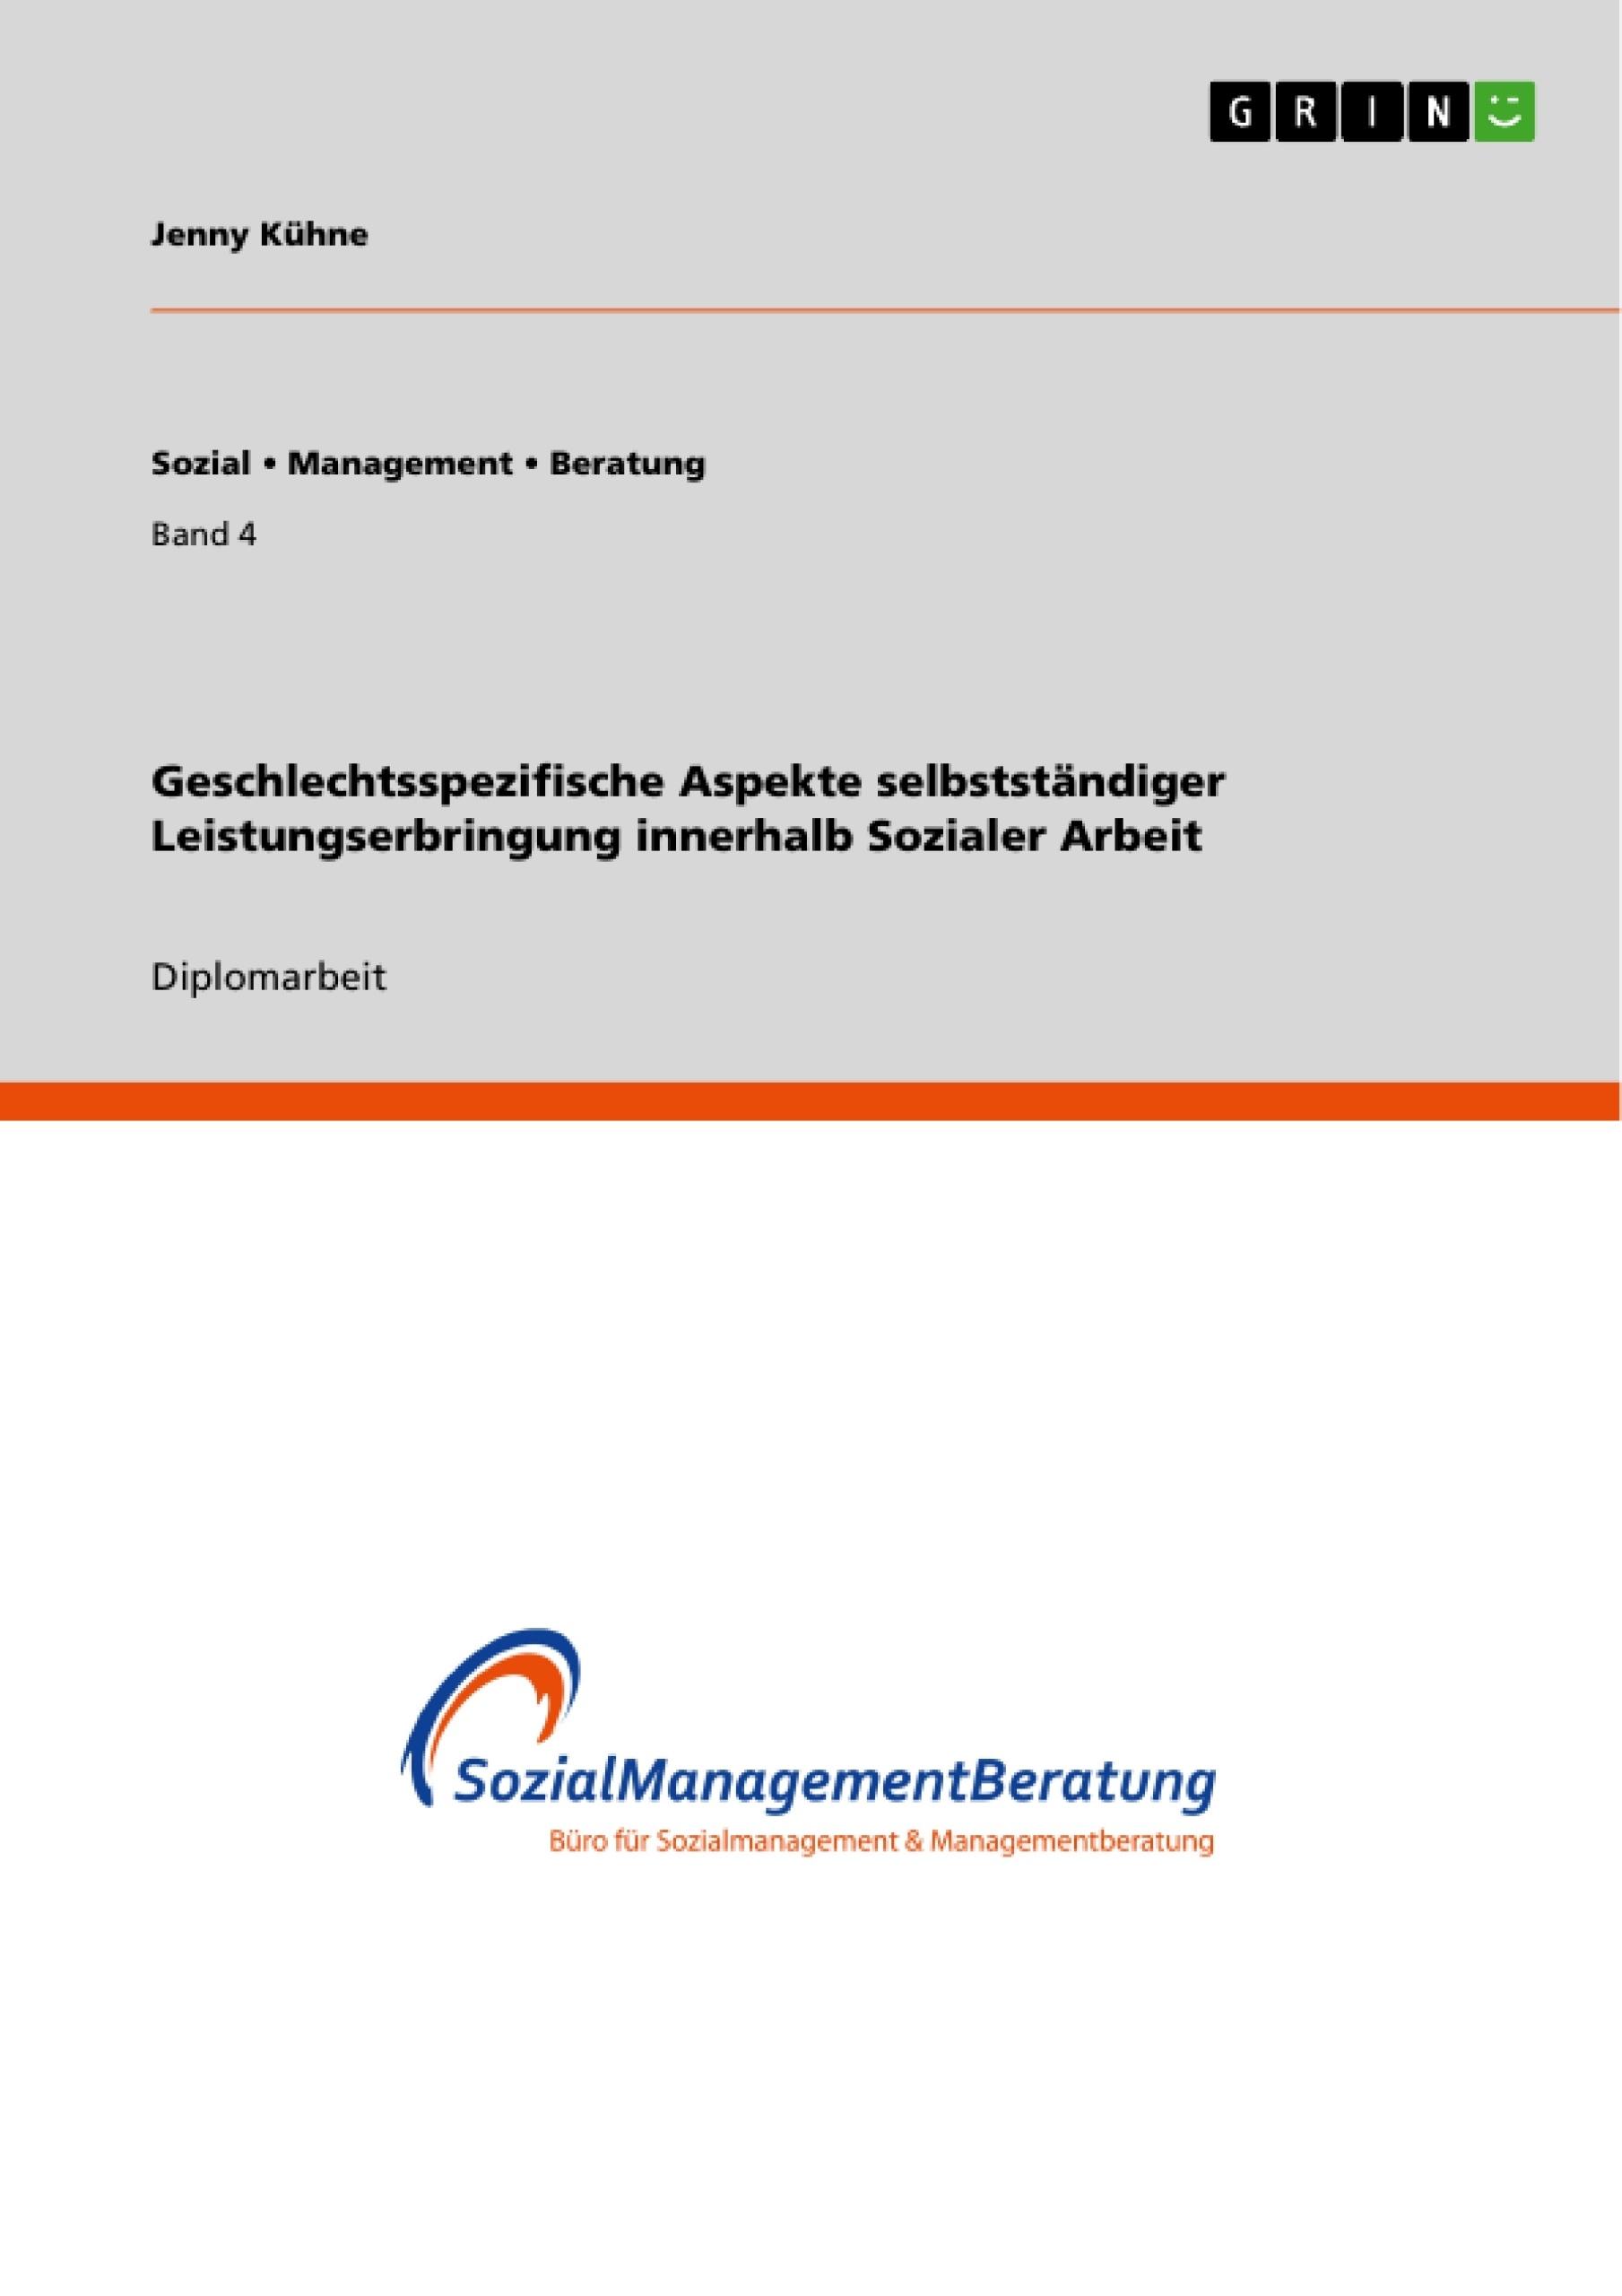 Titel: Geschlechtsspezifische Aspekte selbstständiger Leistungserbringung innerhalb Sozialer Arbeit